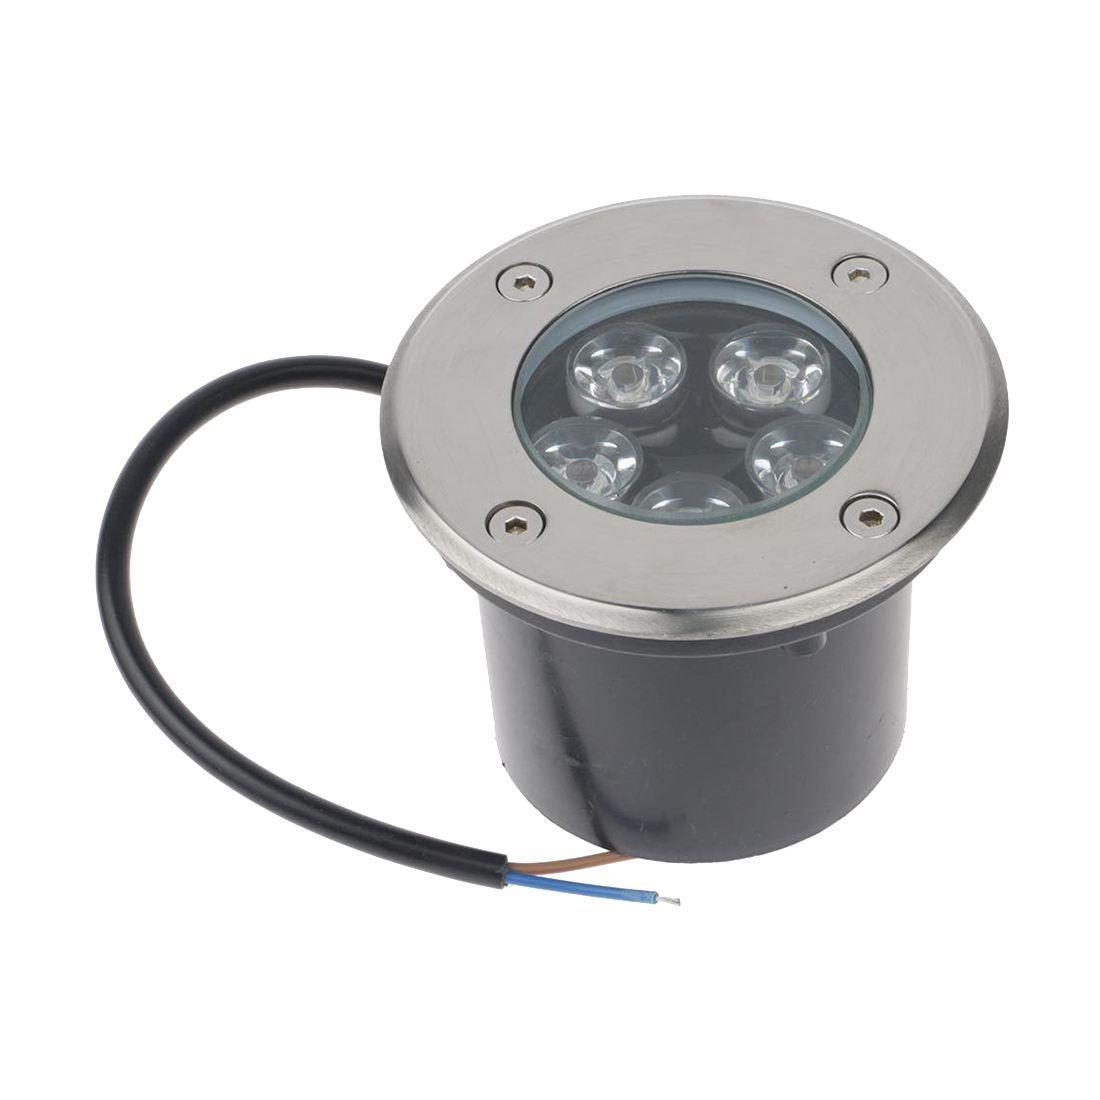 Wholesale LED Floor Light Outdoor Lighting Garden Lamp Light Recessed  Spotlight 5W White Flood Lights Outdoor Led Flood Light Outdoor From  Lightlight, ...